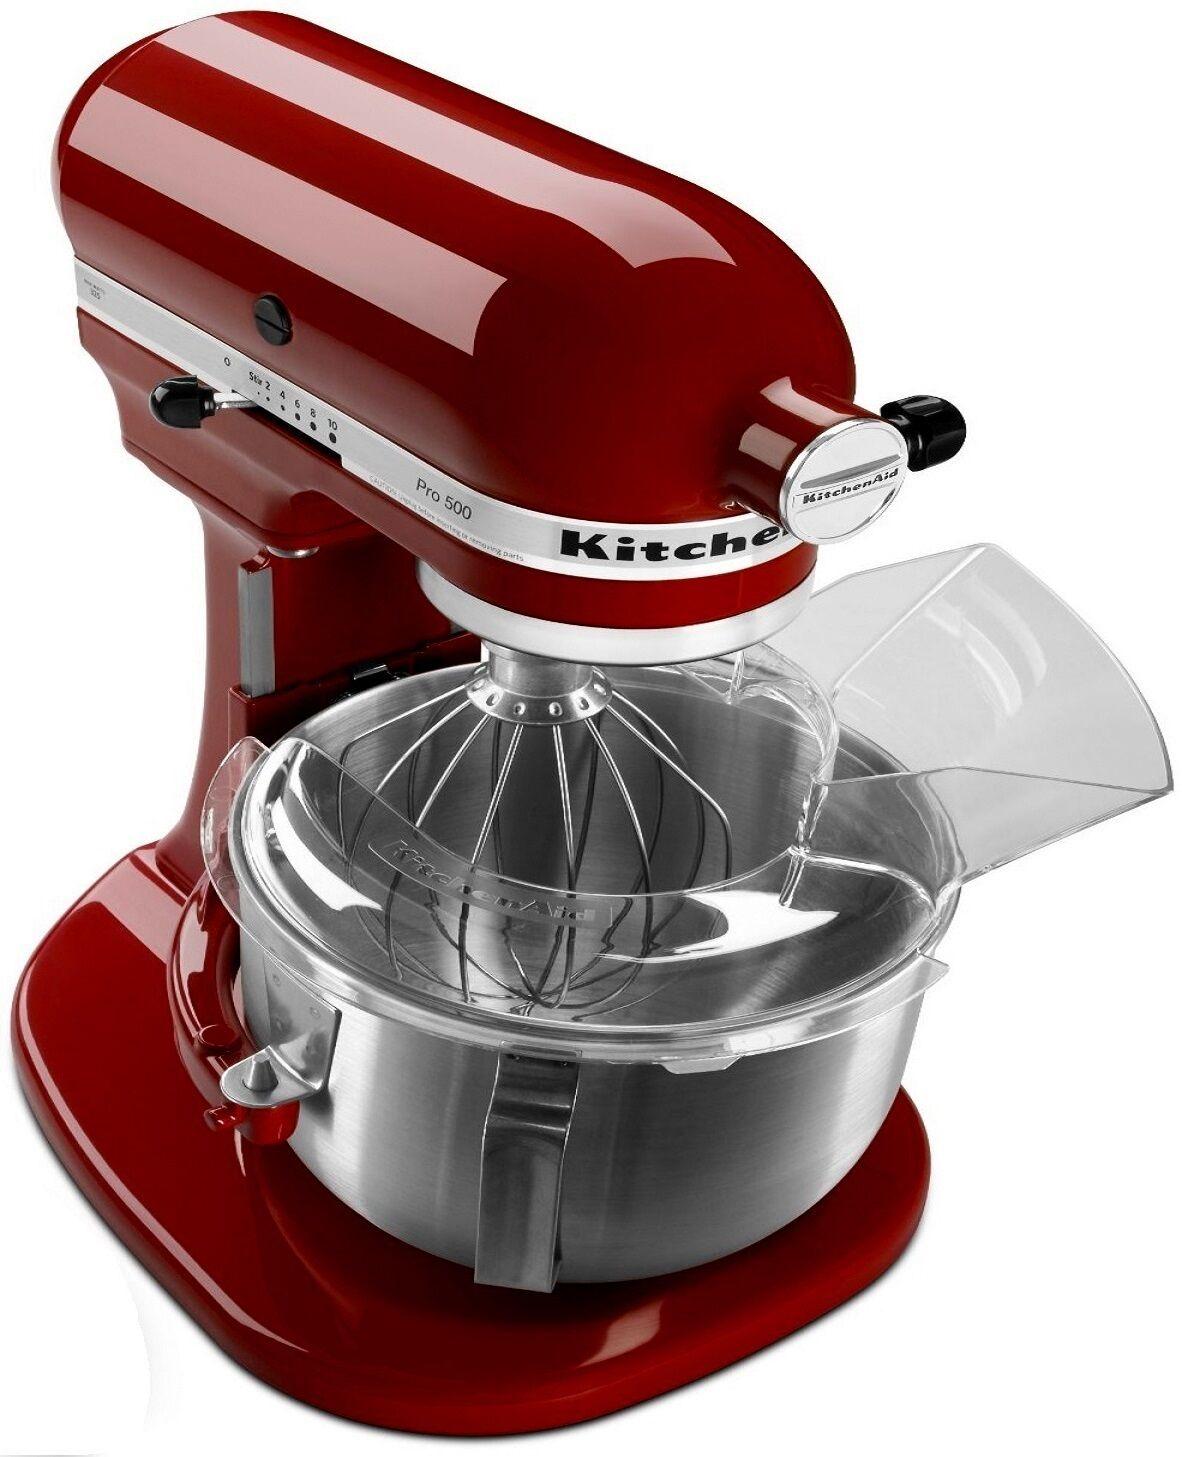 kitchen aid pro 500 ikea sink השיש מיקסרים new kitchenaid heavy duty stand